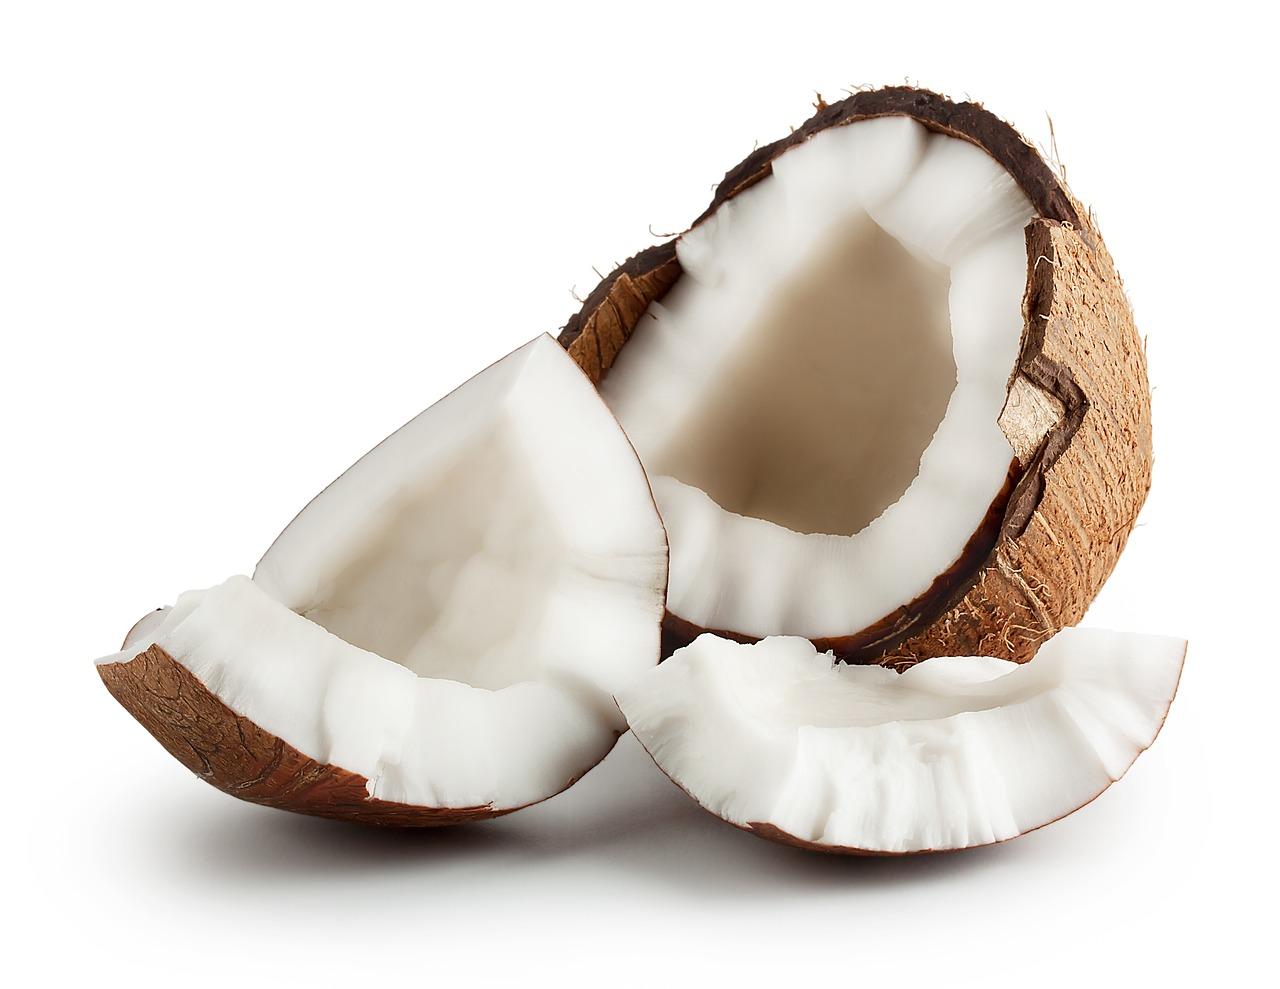 El coco es muy saludable